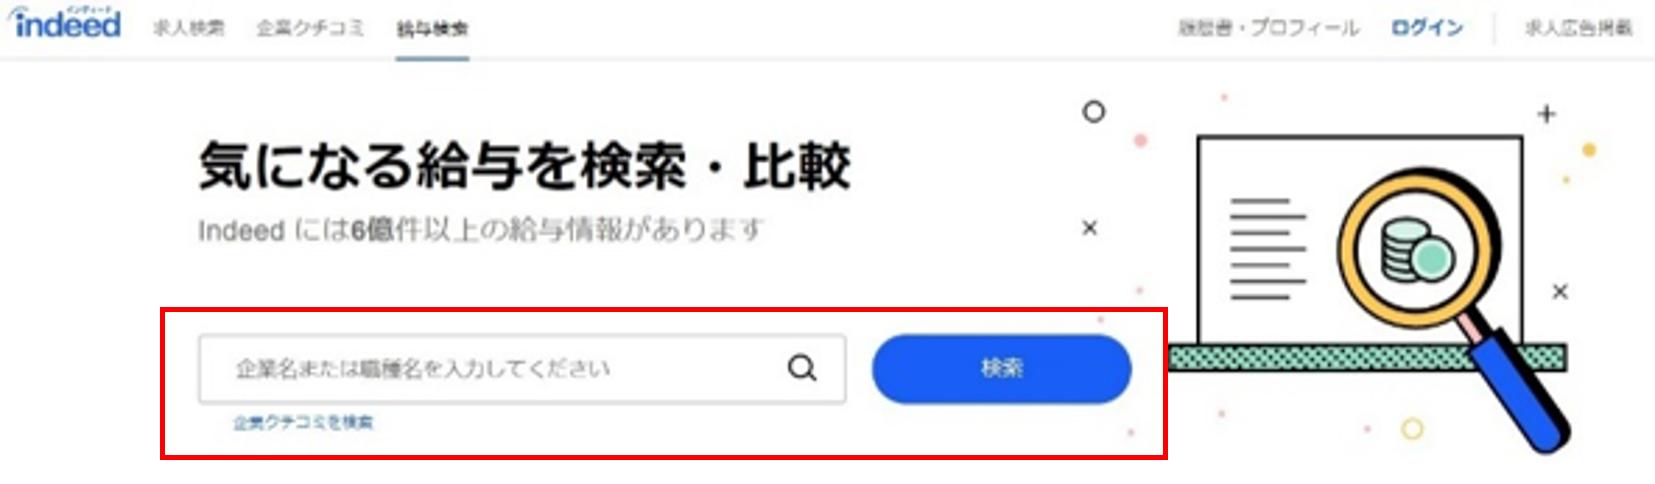 給与情報検索画面